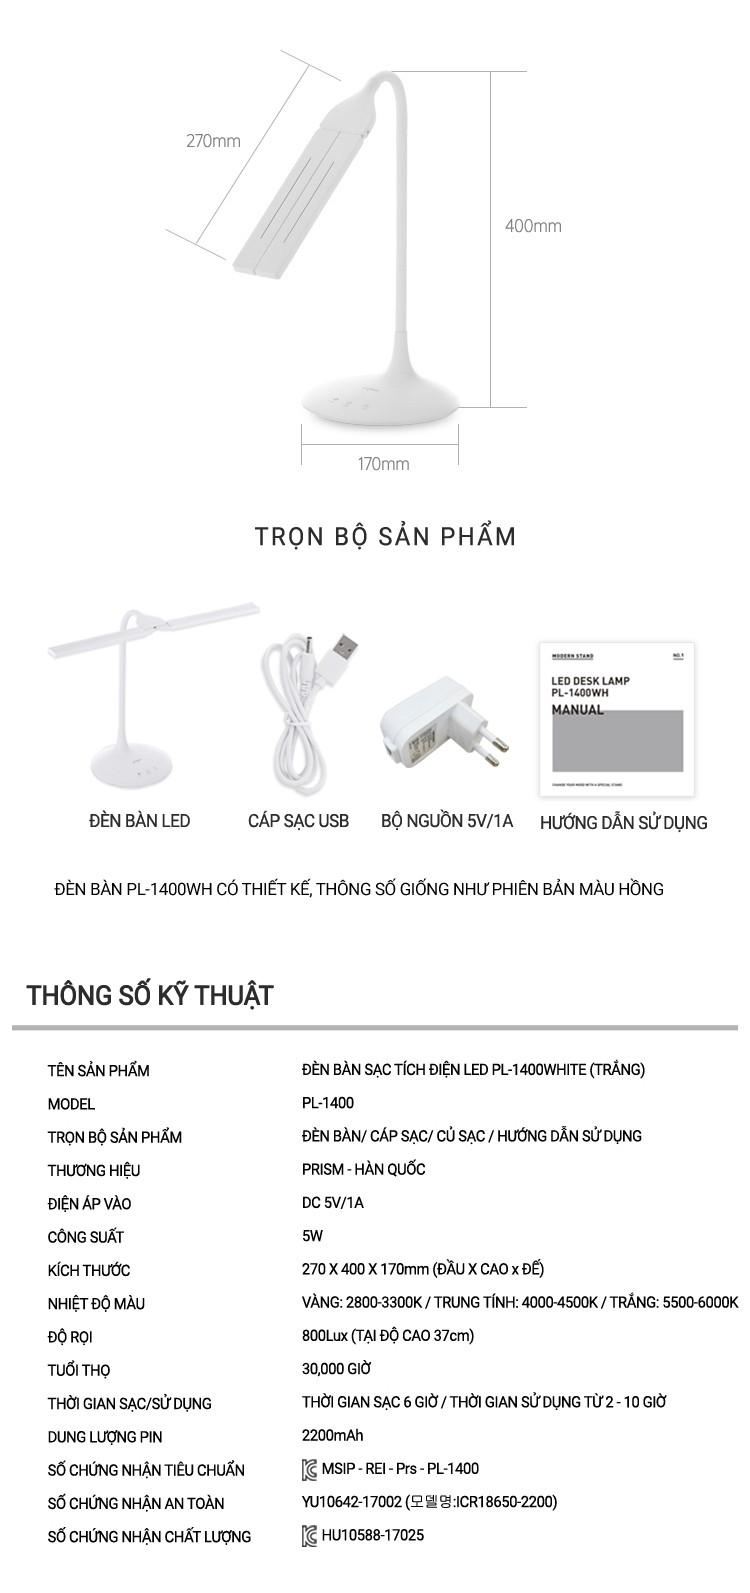 inforgraphic_pl1400wh_19 Đèn bàn tích điện Hàn Quốc Prism PL1400